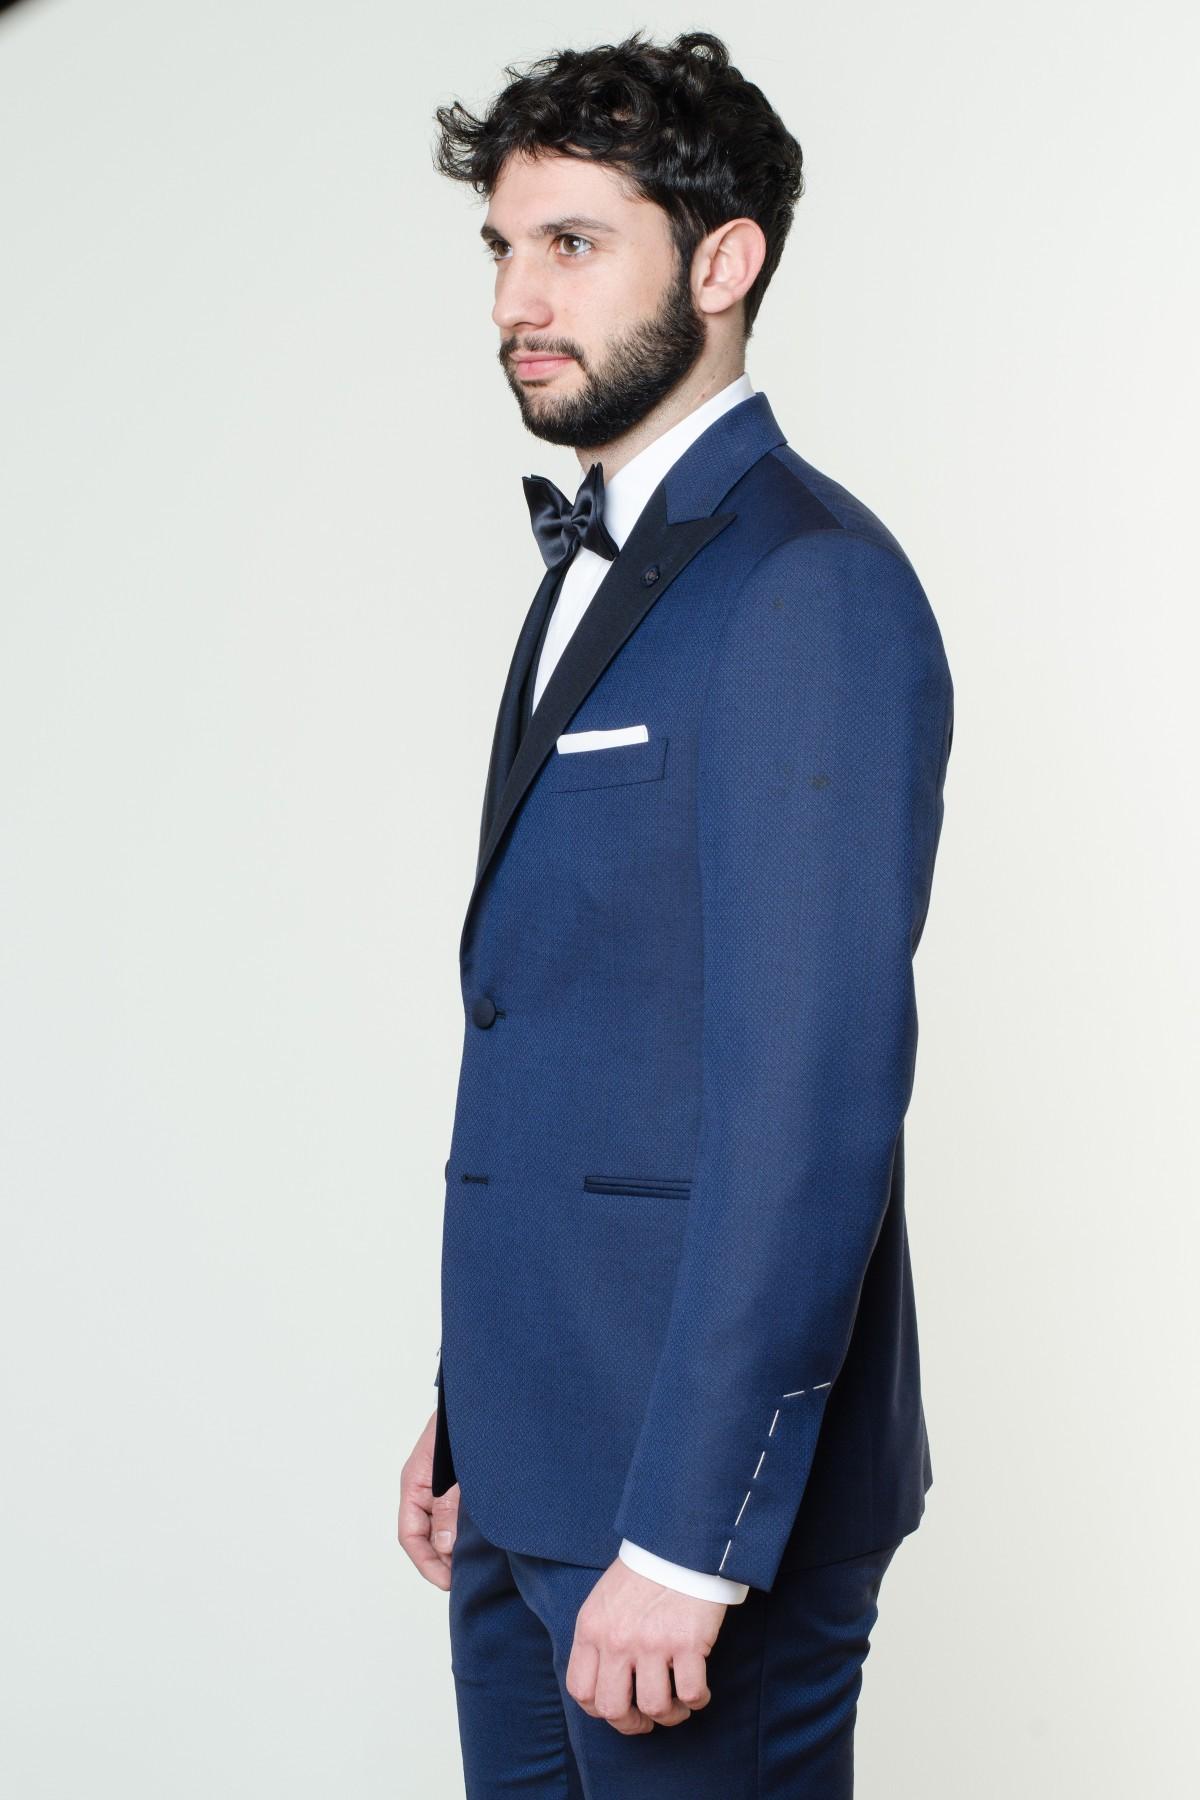 Uniforme del gentleman contemporaneo. L'abito da uomo è confezionato in infinite varianti, ognuna adatta a un'occasione diversa. Il monopetto è il più essenziale e si presta ad un look da indossare in ufficio. Più sofisticati invece doppiopetto, smoking e frac, ideali per un abito da cerimonia.